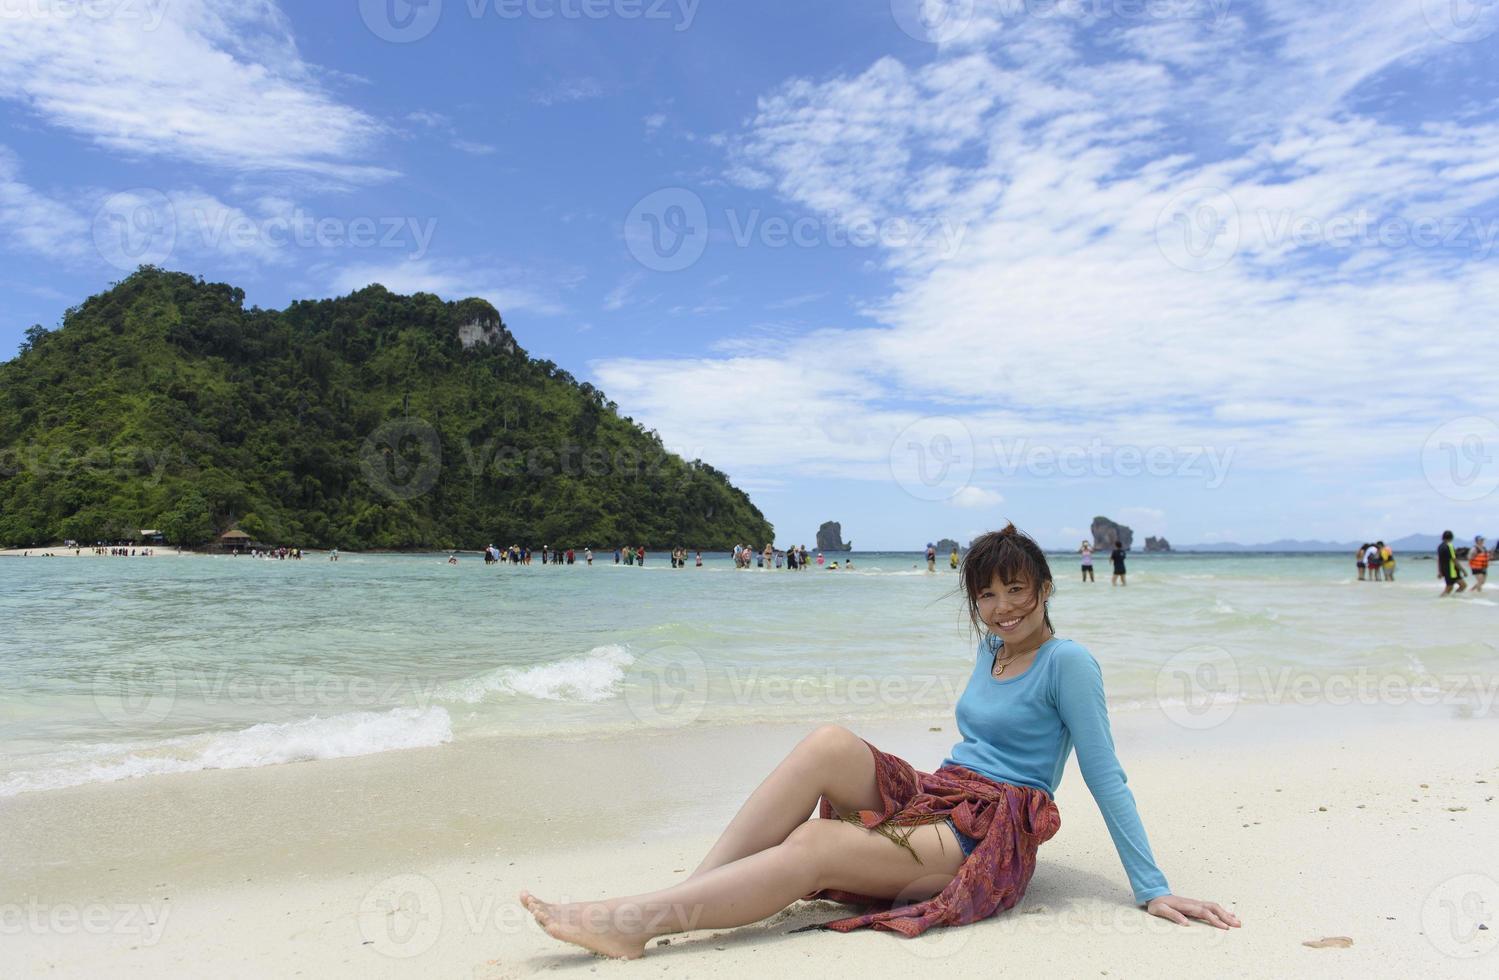 alle donne piace giocare a sabbia sulla spiaggia foto